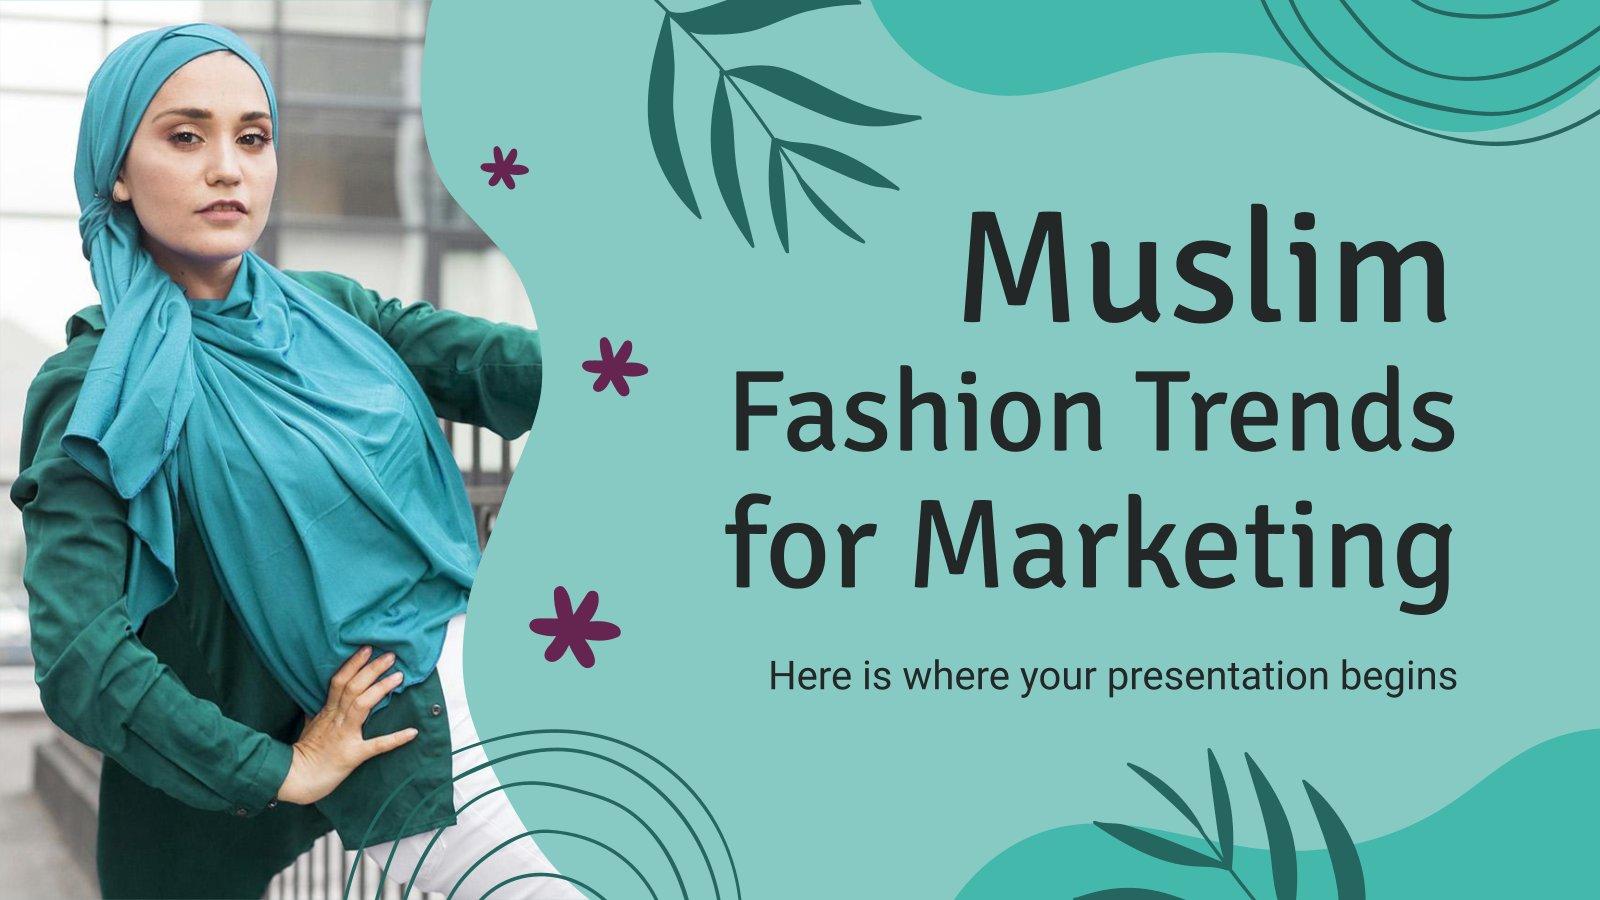 Plantilla de presentación Tendencias de moda en el mundo musulmán